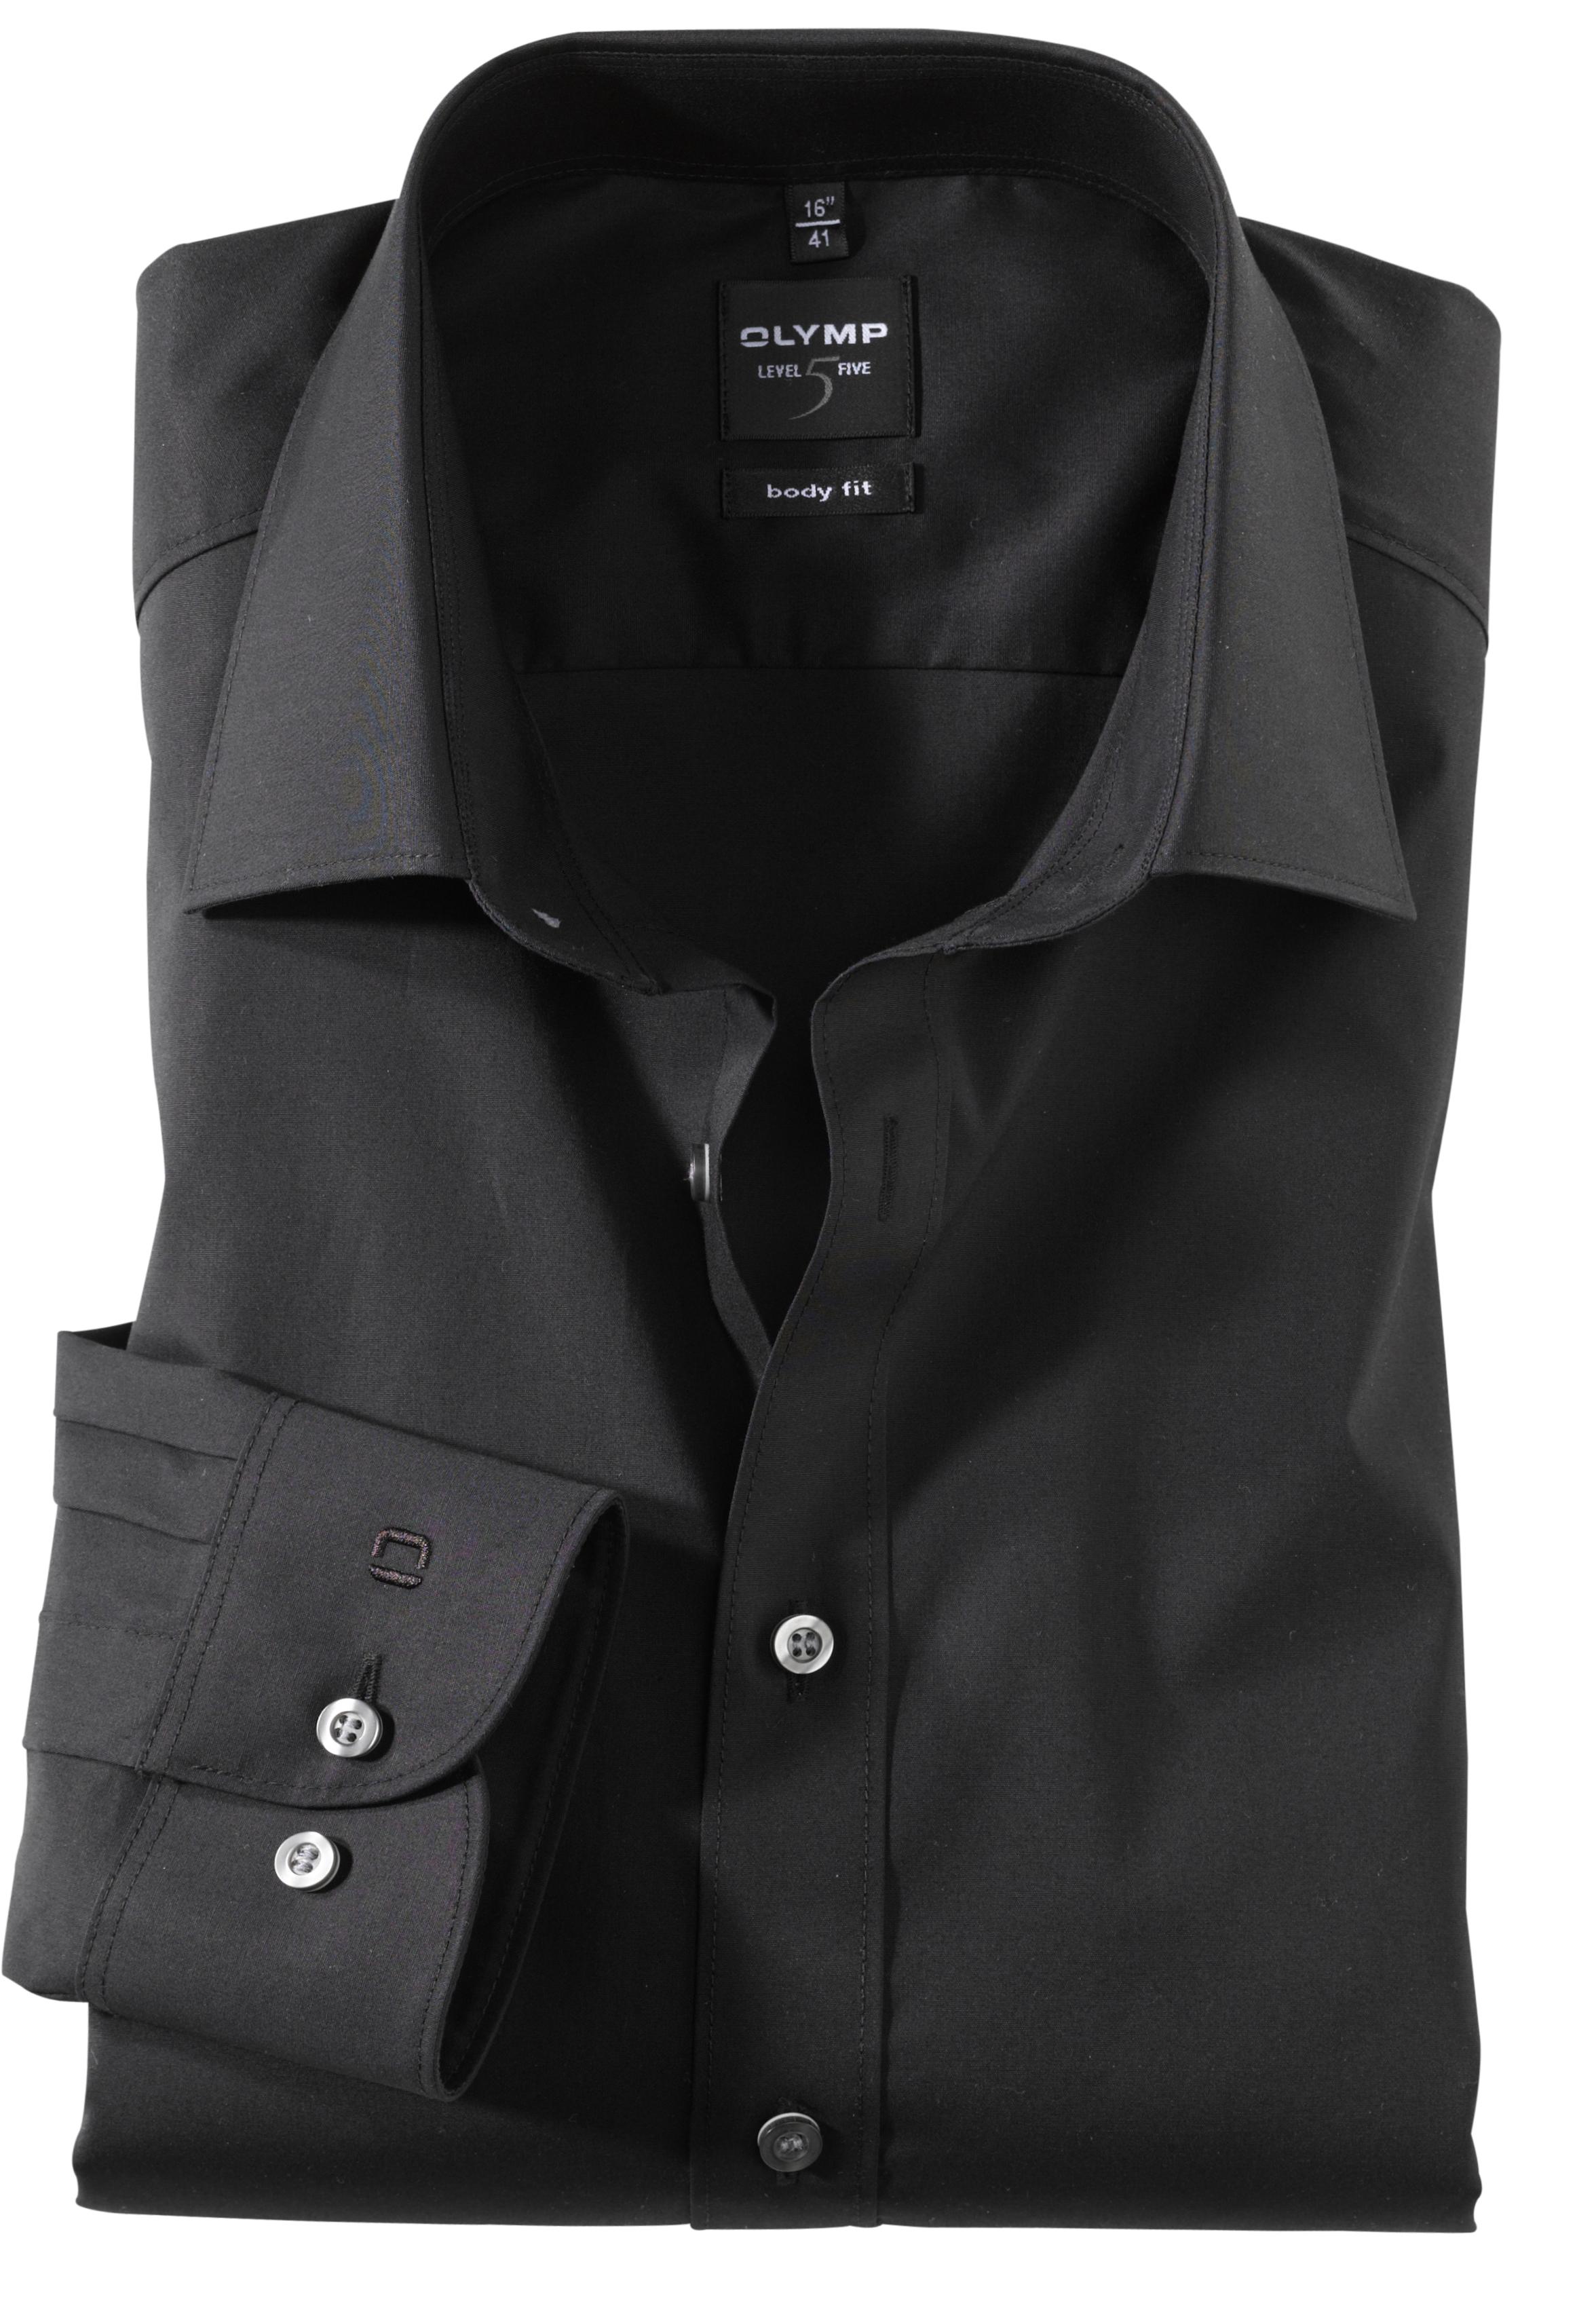 hemd so olymp level 5 bodyfit uni schwarz lang. Black Bedroom Furniture Sets. Home Design Ideas